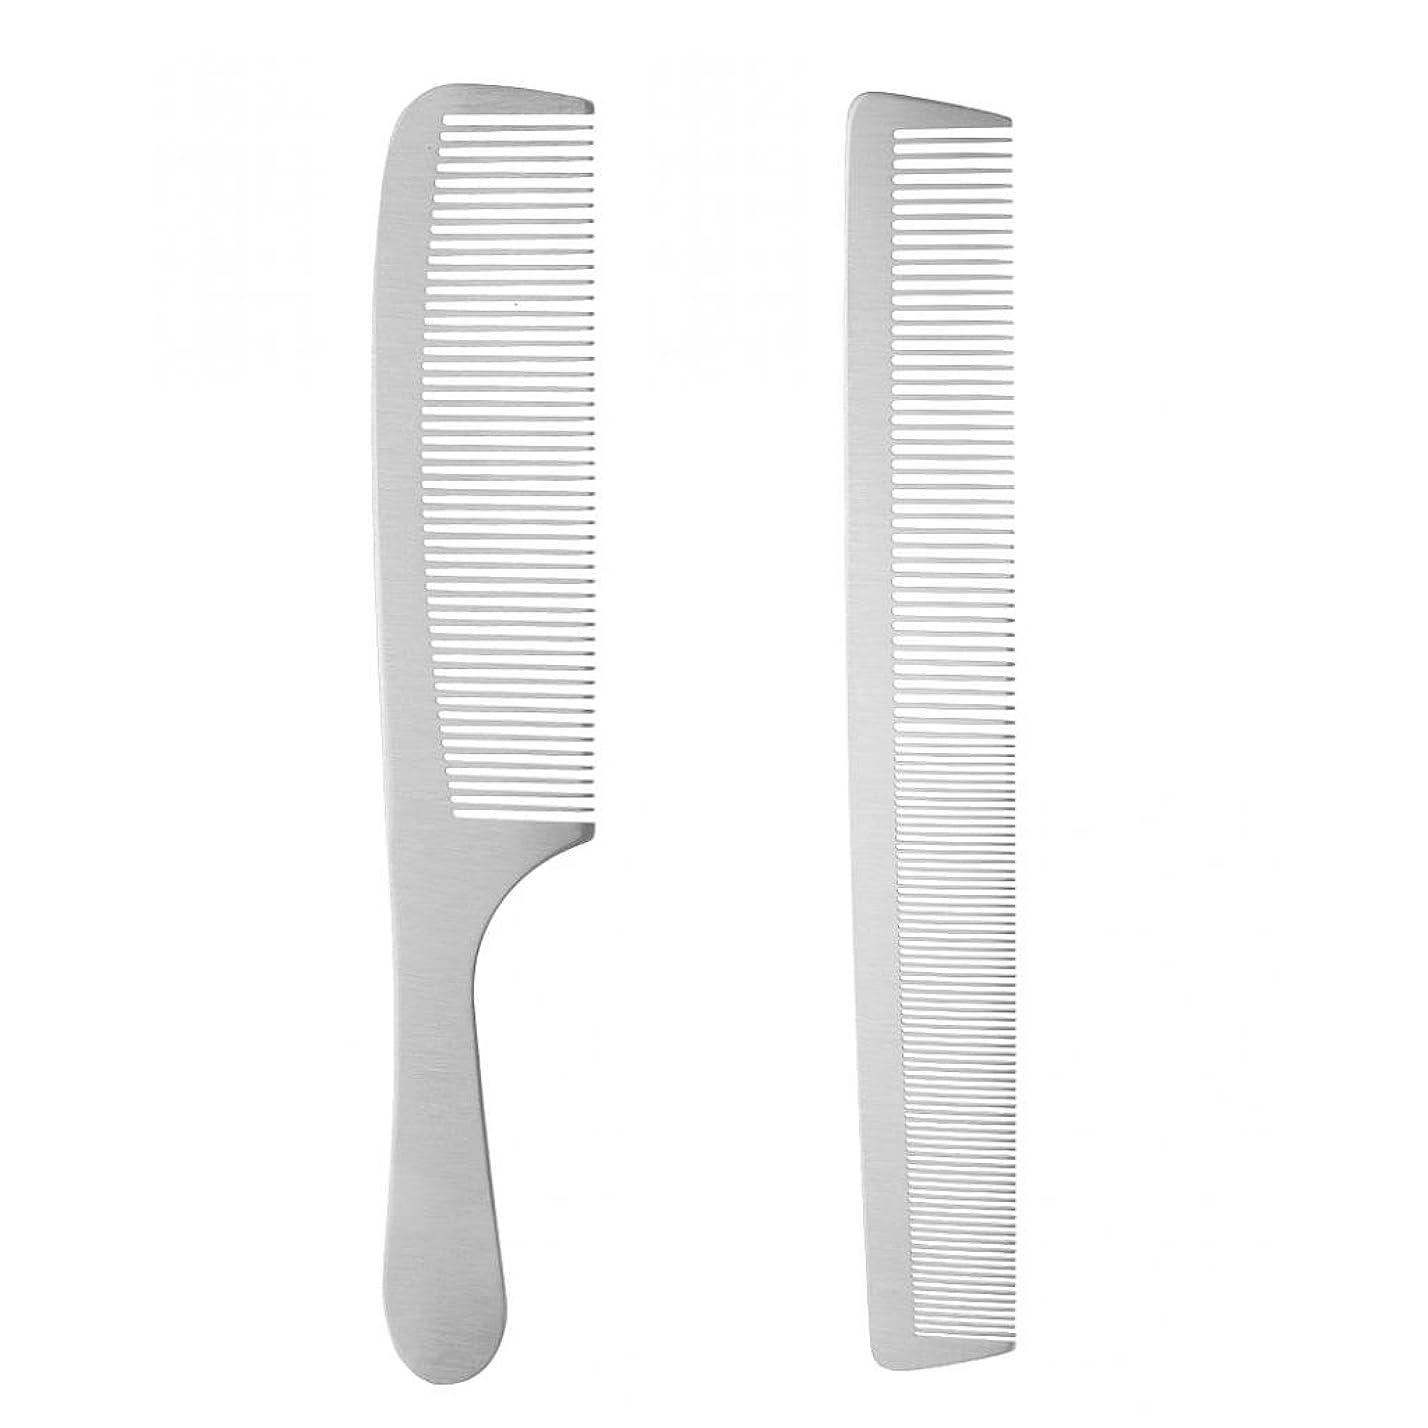 オペレーター夢中一般Homyl 2個 ヘアカットコーム 櫛 ヘアブラシ ヘアスタイリング ステンレス鋼 サロン 理髪師 カッティング プロ 高品質